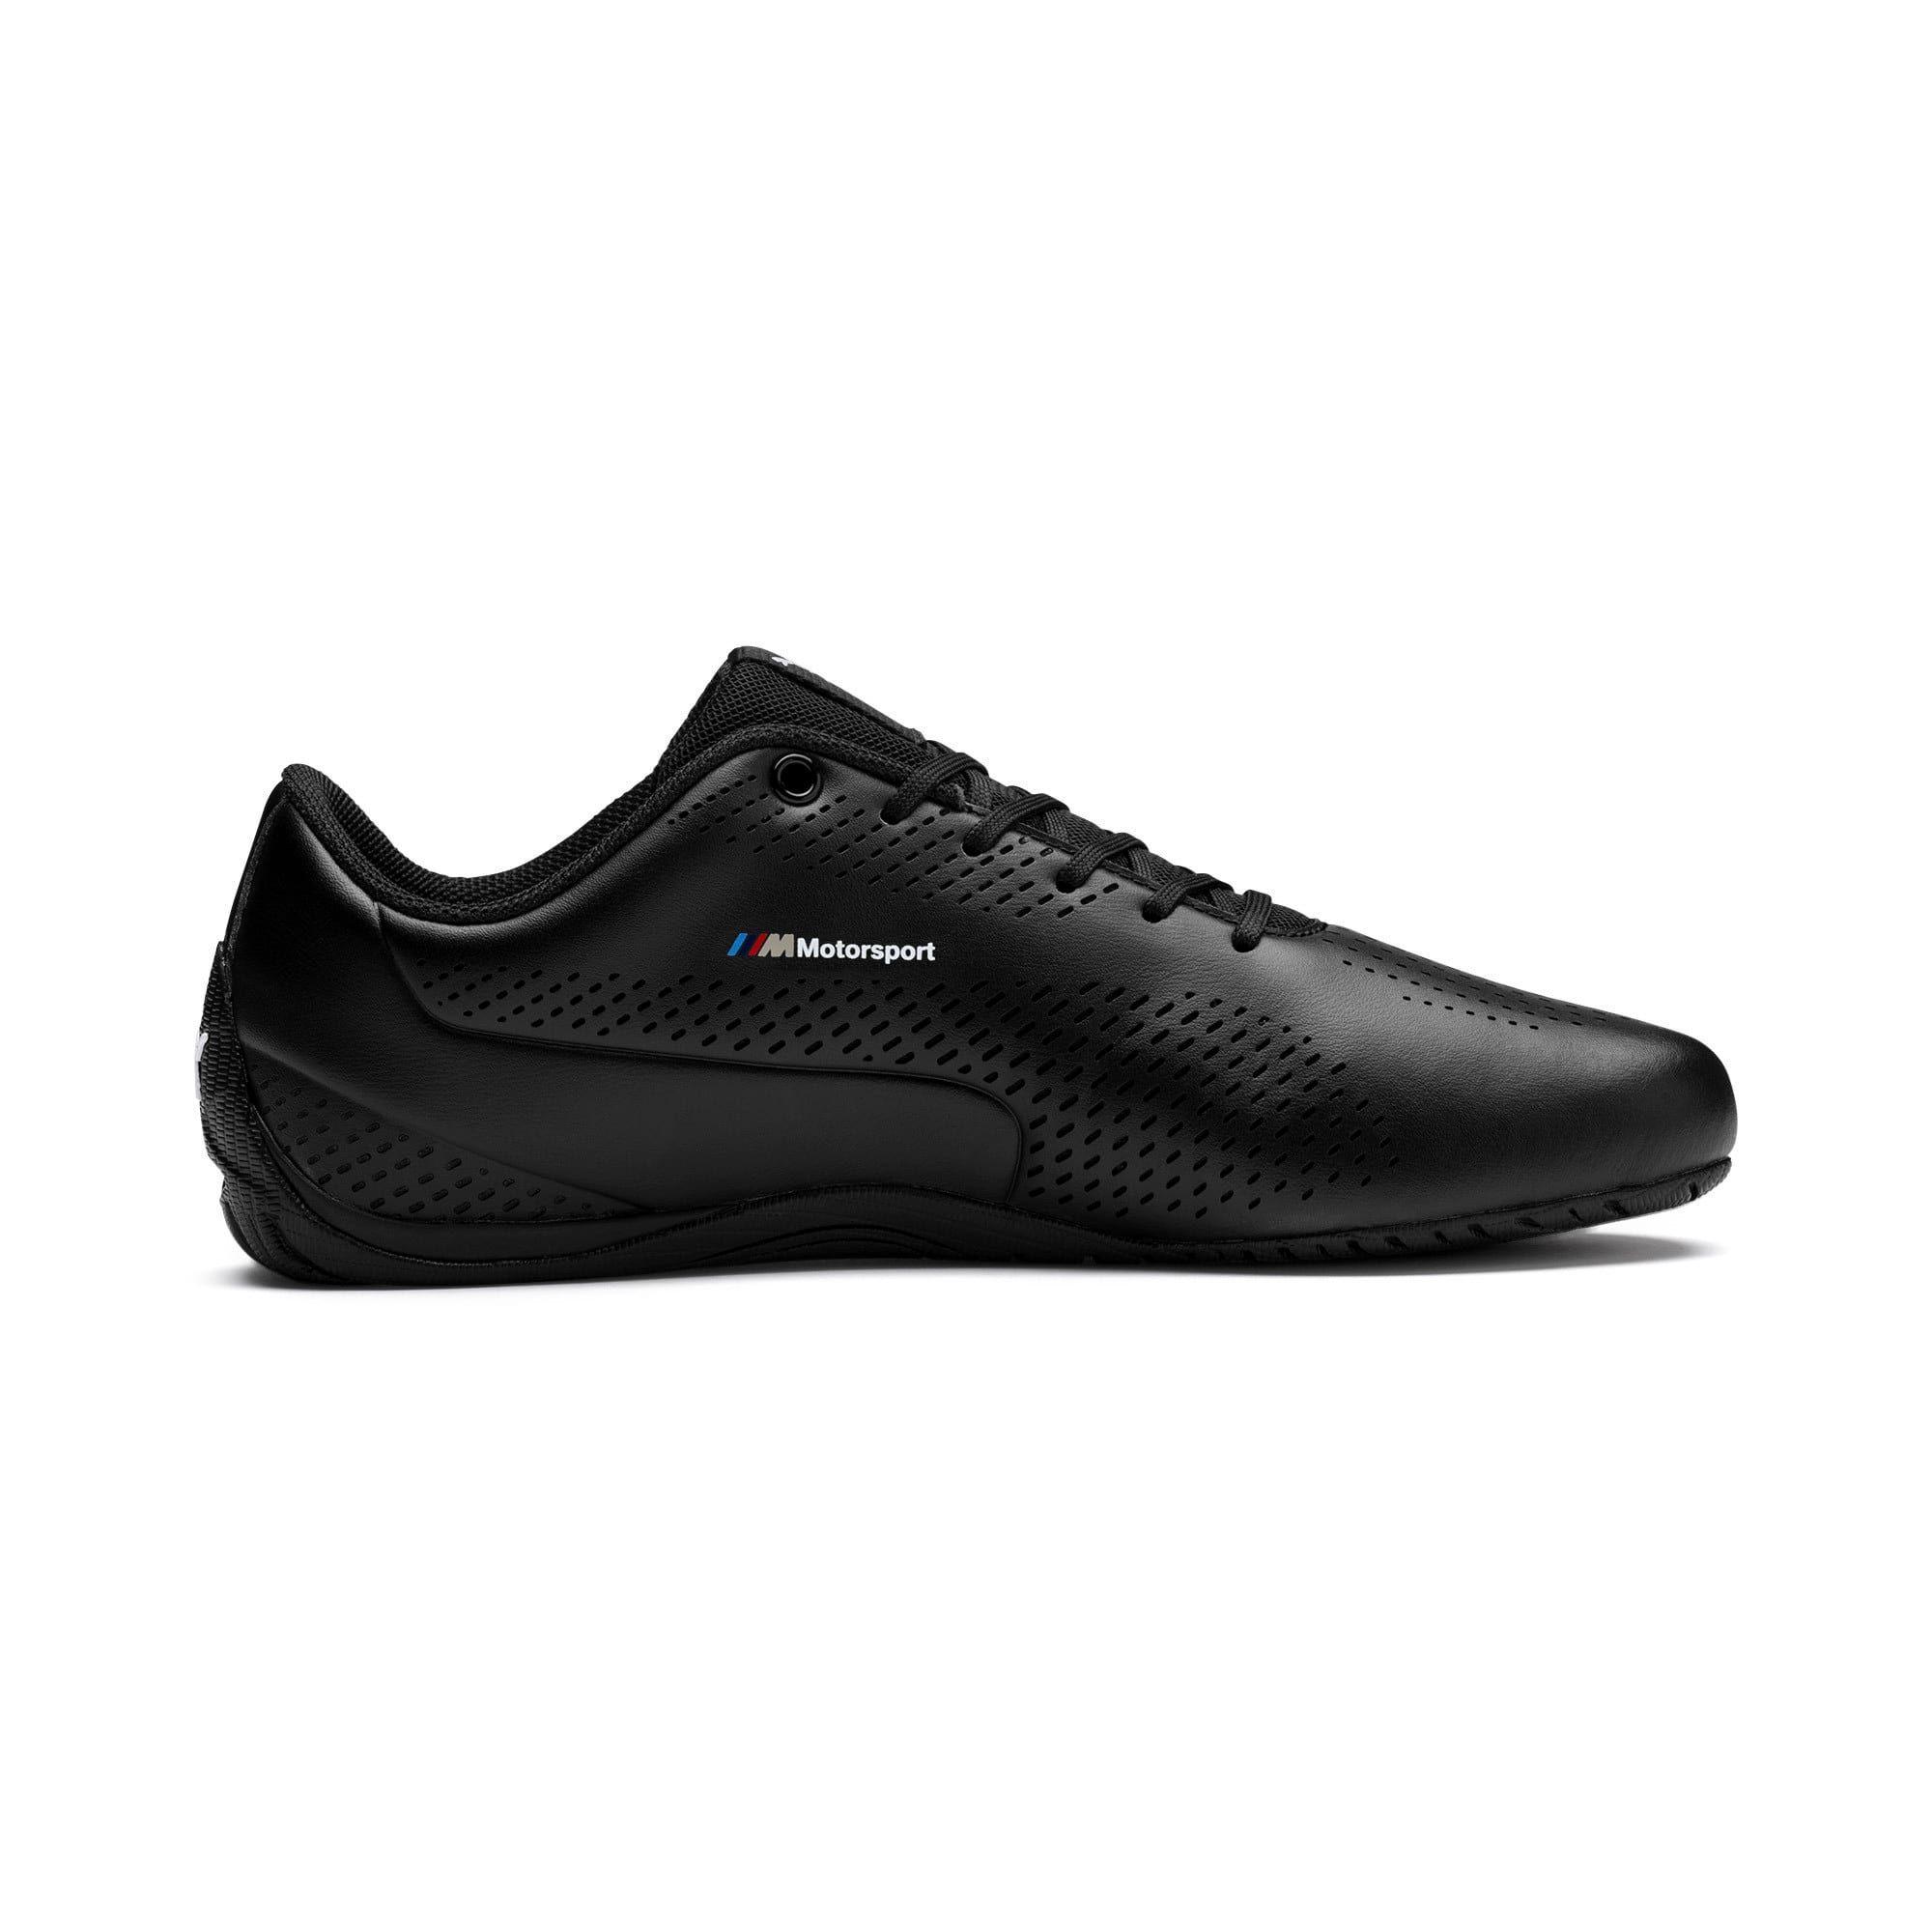 PUMA BMW M Motorsport Drift Cat Ultra 5 II Shoe Sneakers in